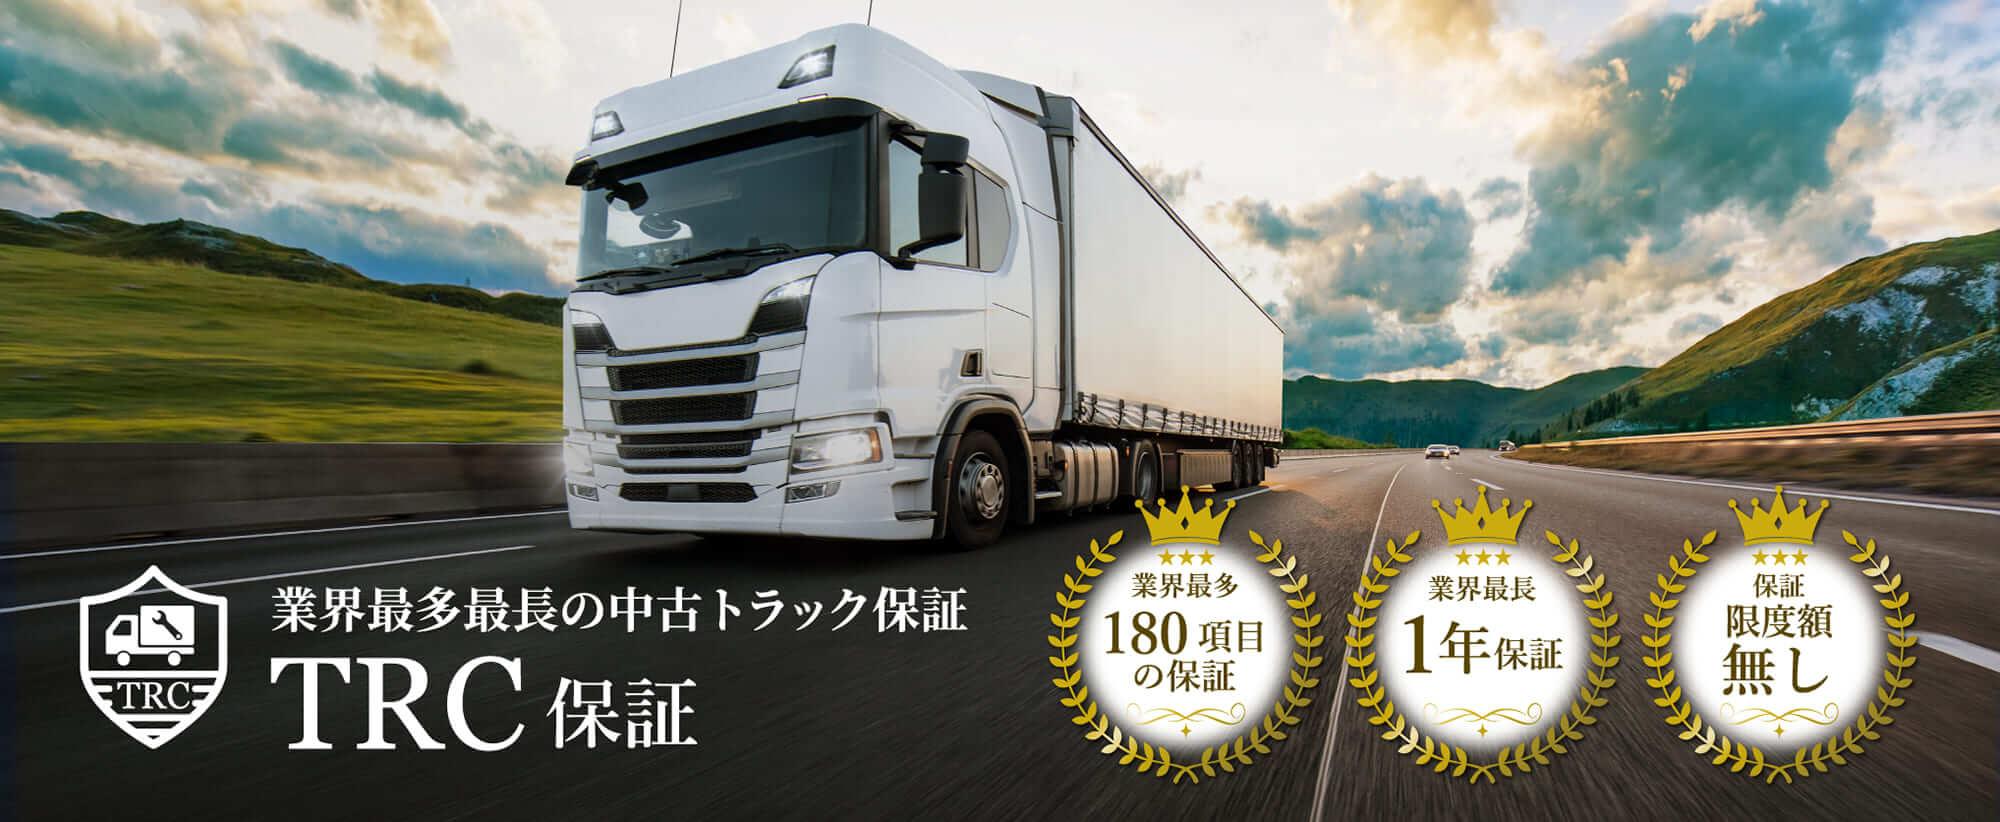 業界最多最長の中古トラック保証 TRC保証